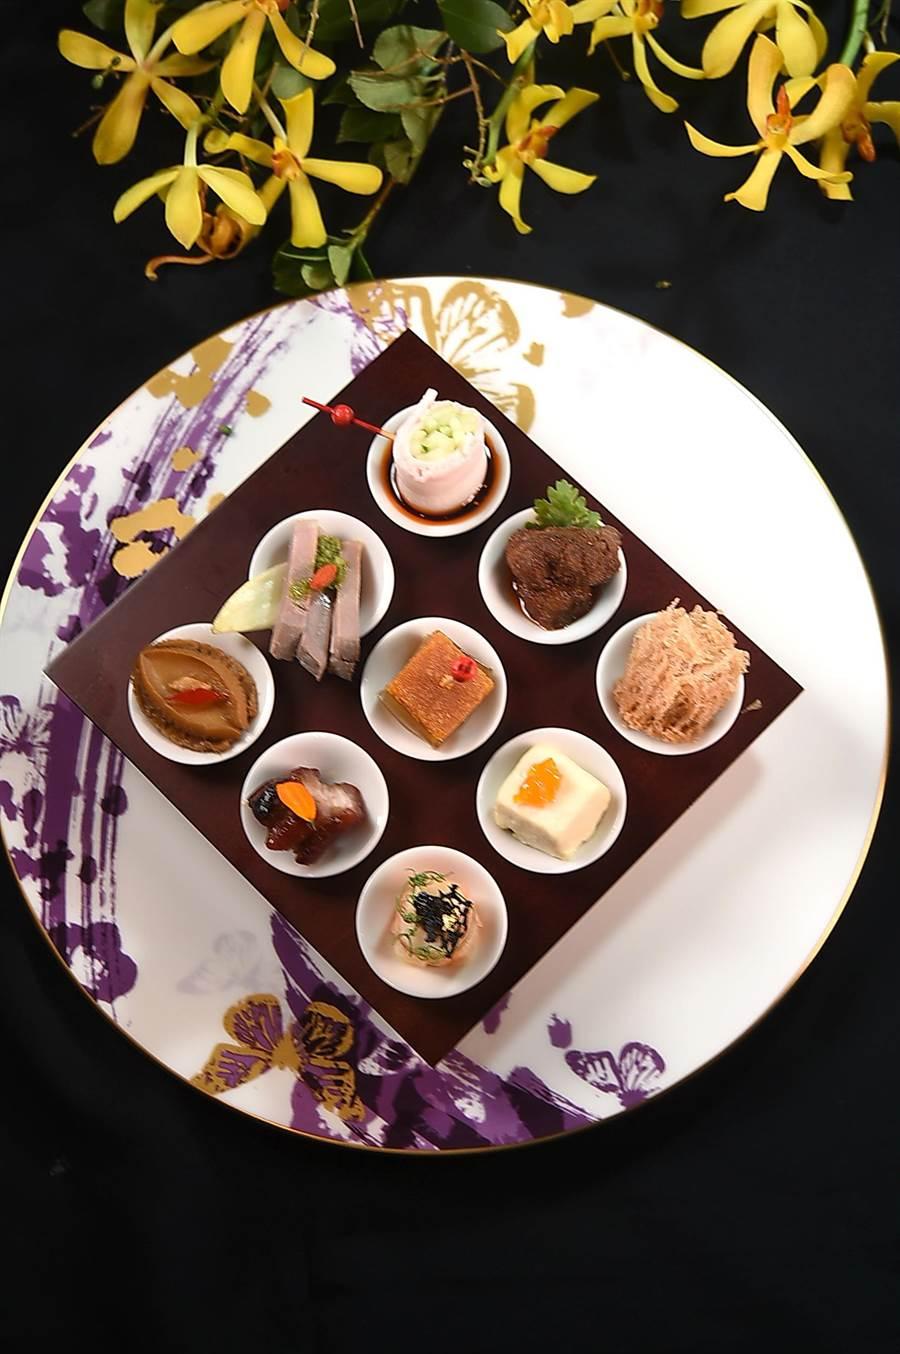 〈迎賓九小碟〉的呈盤型式類似「多寶格」,三位大廚烹製的小菜以錐型小碟「鑲嵌」在木製框架中,形色悅目繽紛。(圖/姚舜)